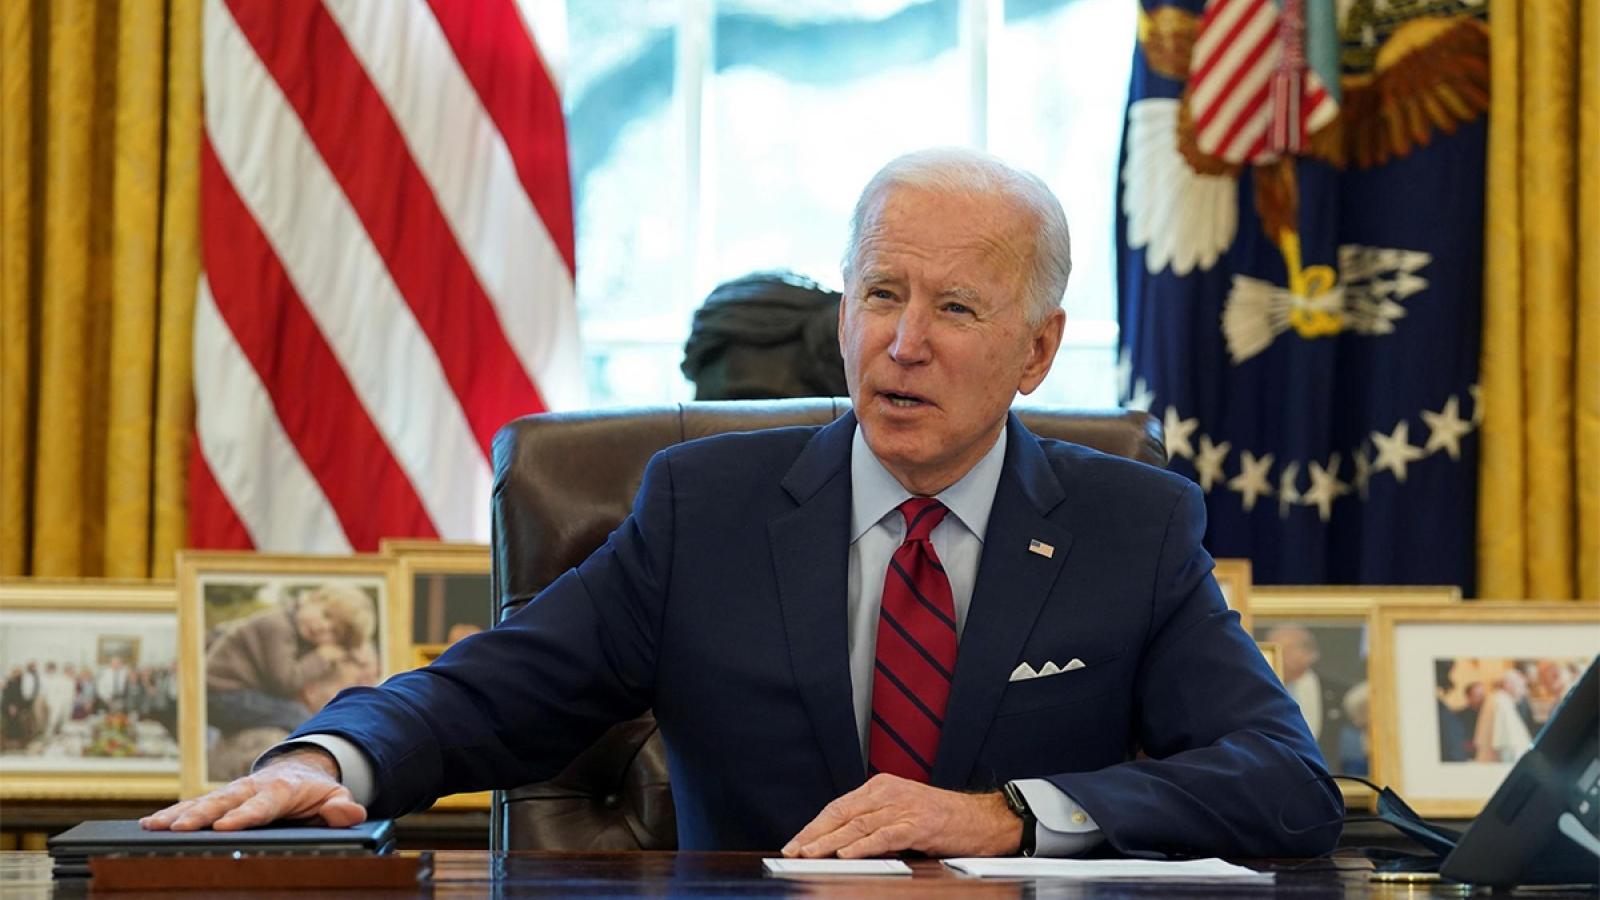 Biden nhận được tỷ lệ tín nhiệm cao hơn Trump khi bắt đầu nhiệm kỳ tổng thống